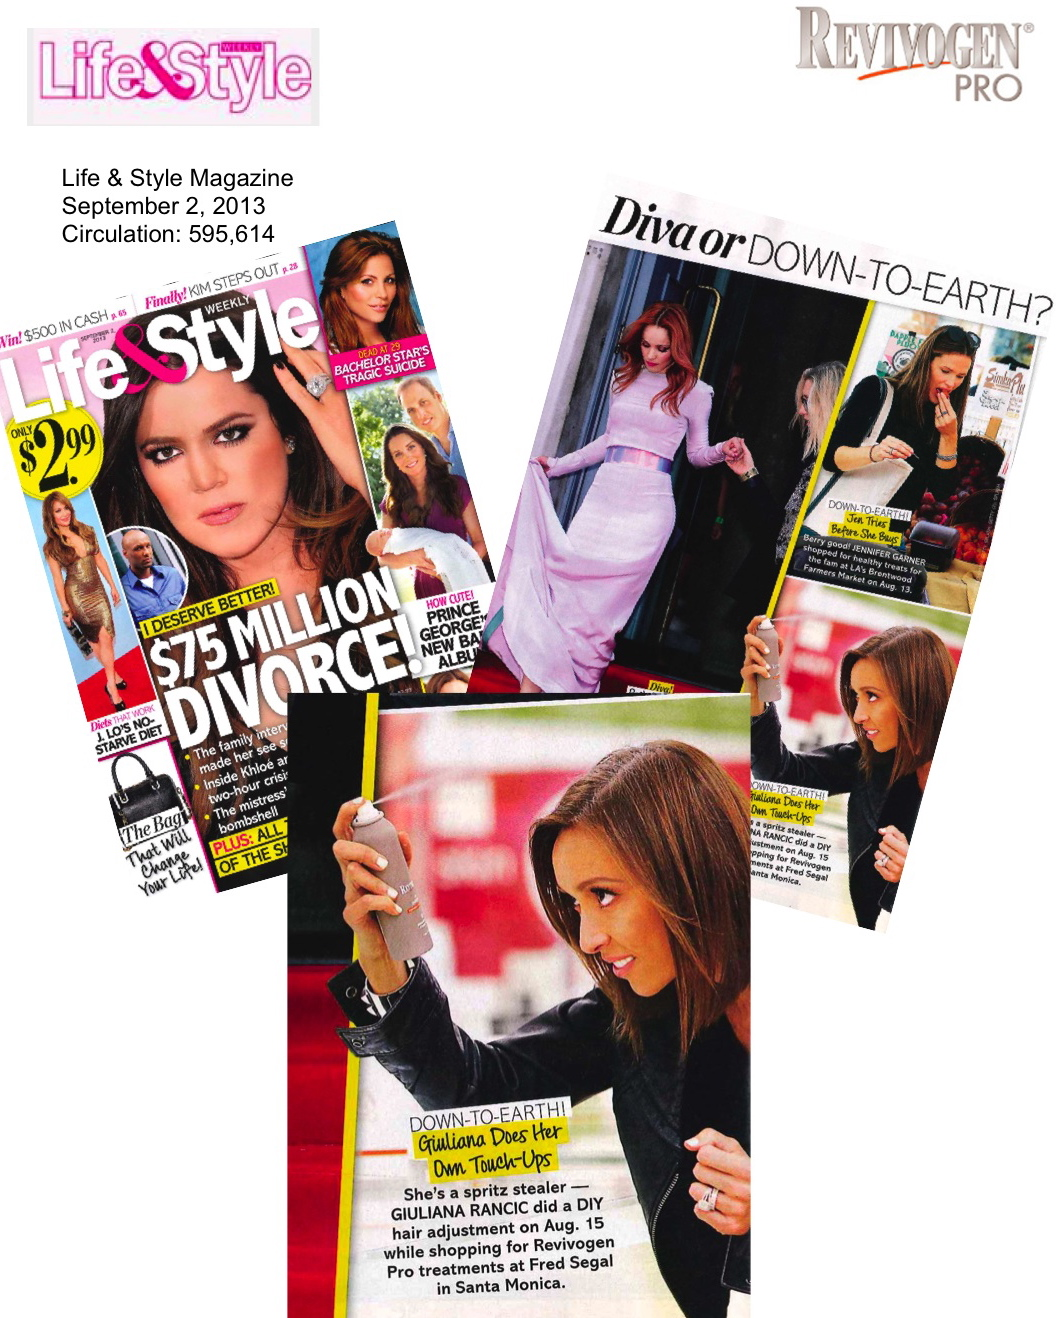 Giuliana Rancic using Revivogen PRO.jpg